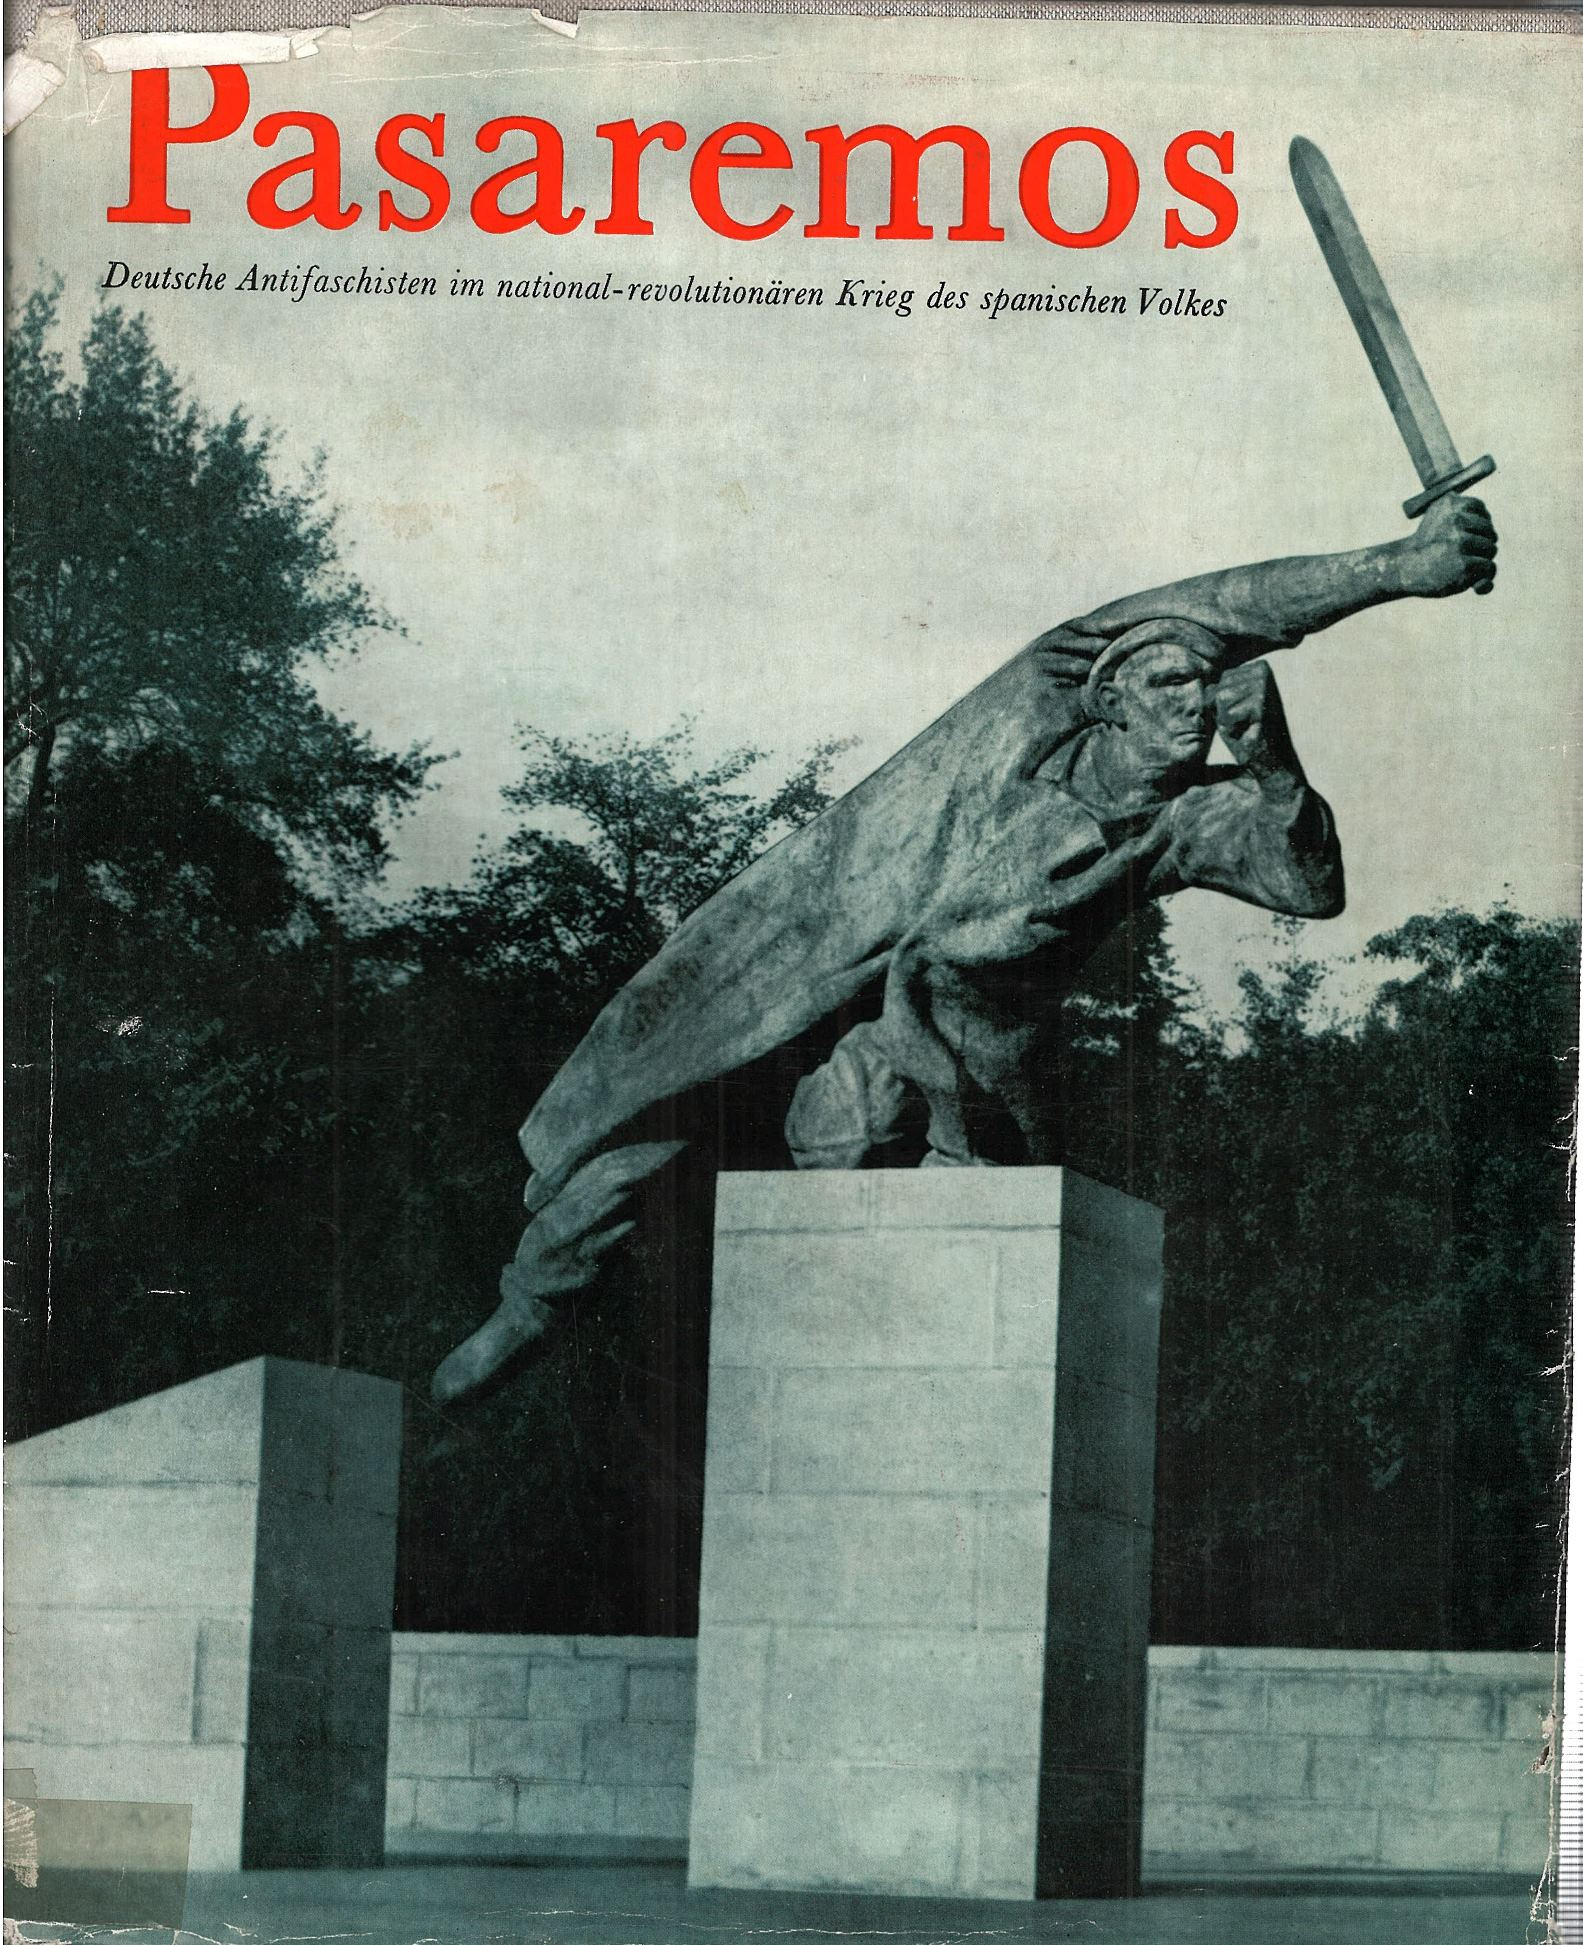 Pasaremos : Deutsche Antifaschisten im national-revolutionären Krieg des spanischen Volkes